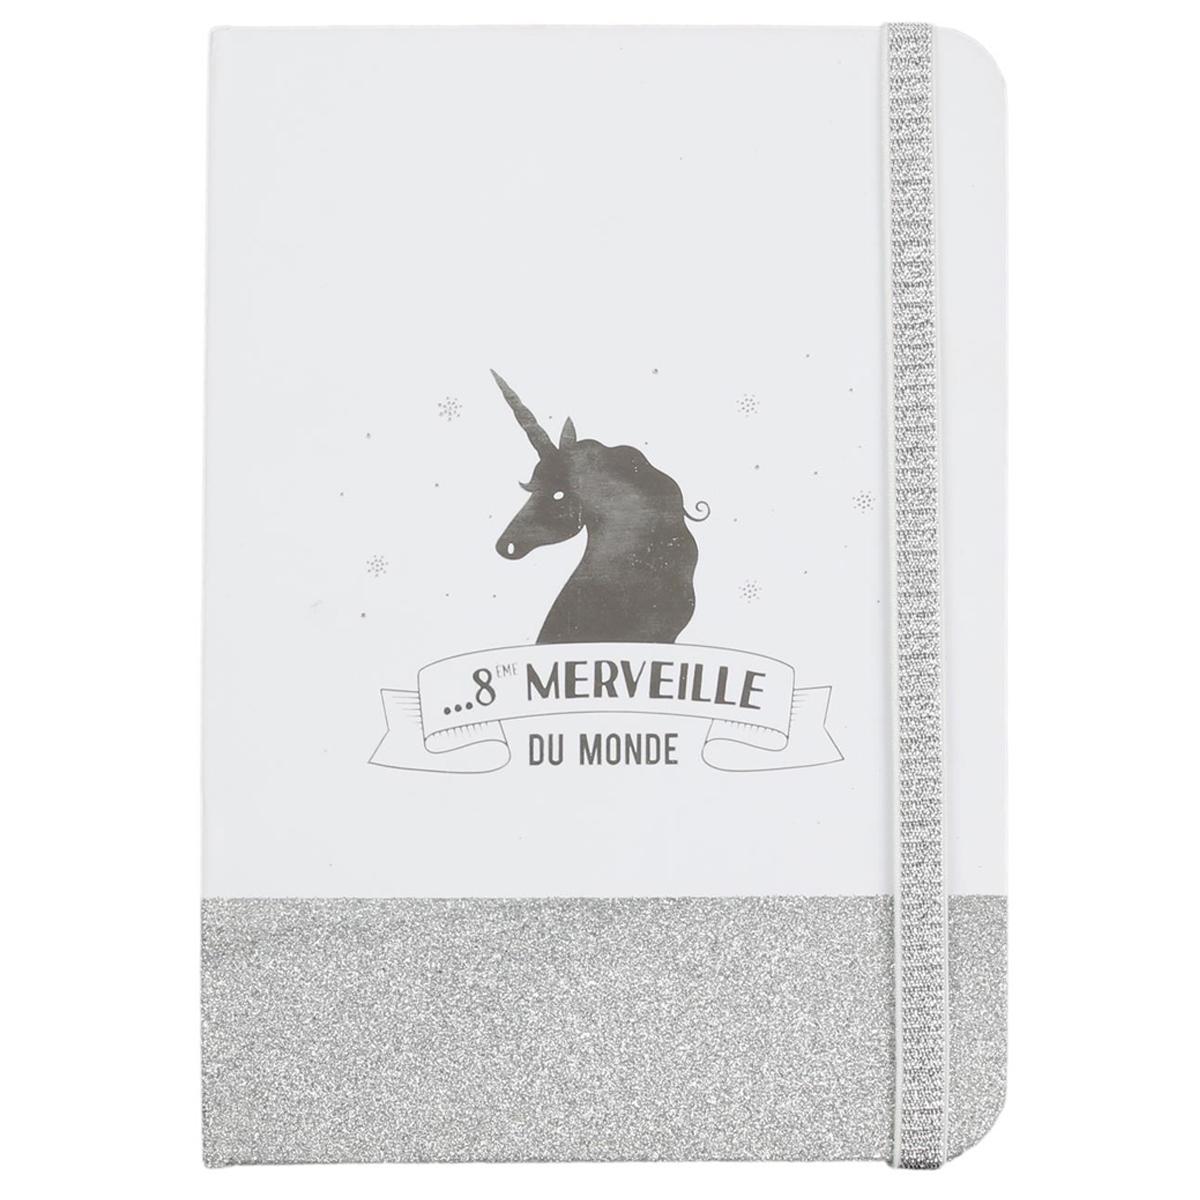 Carnet A5 \'Licorne My Unicorn\' blanc argenté (8ème merveille du monde) - 21x15 cm - [Q3622]